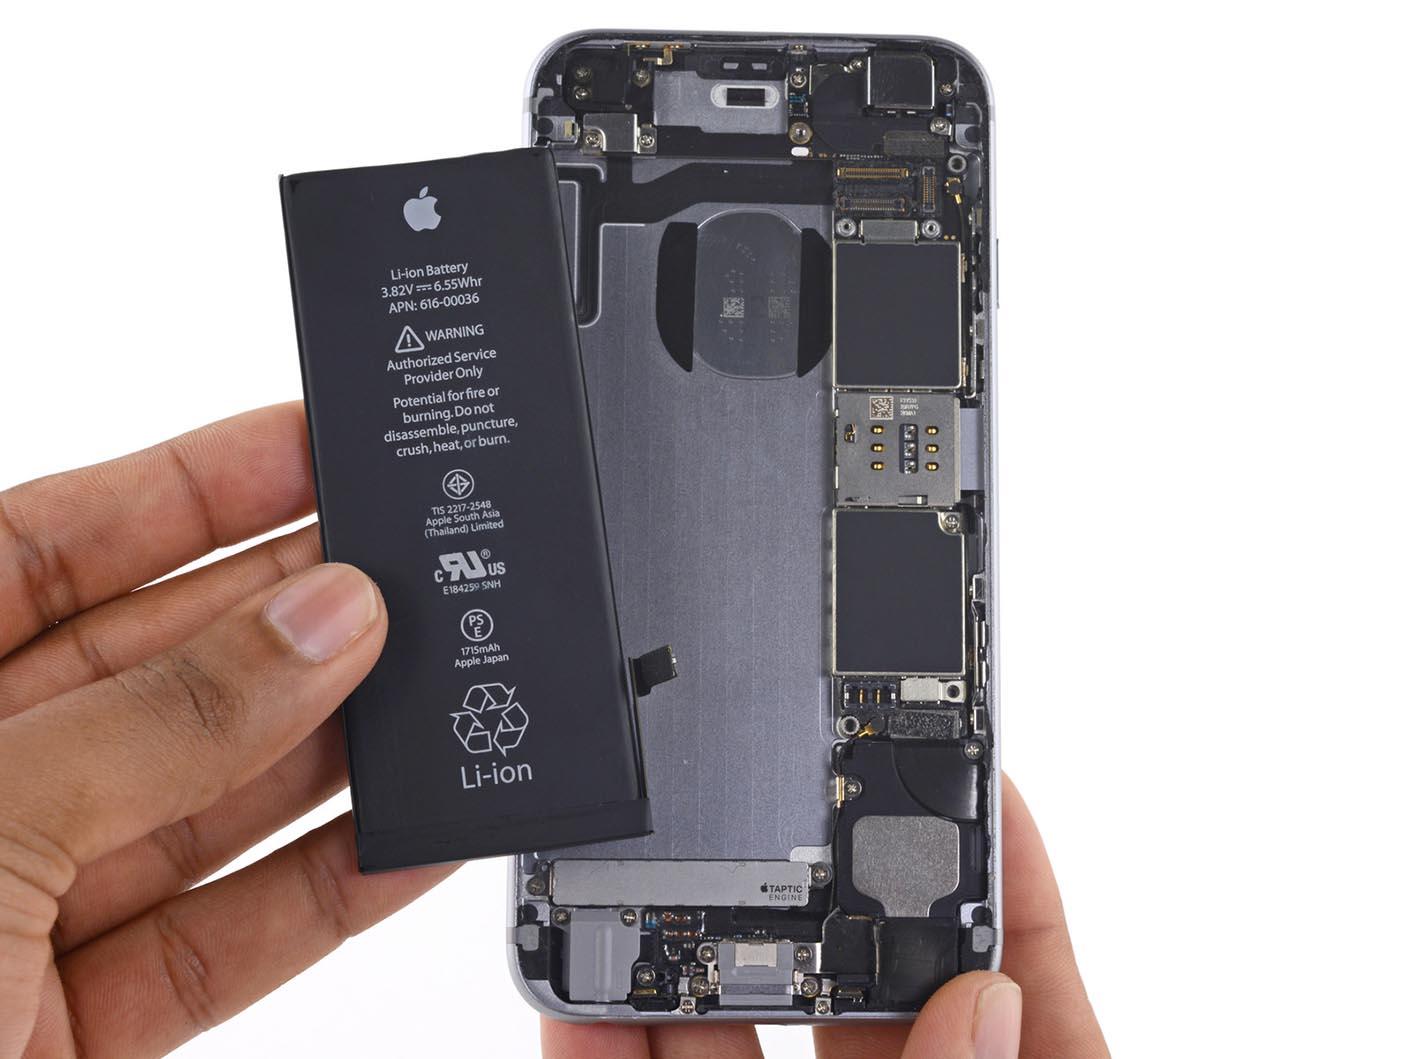 Si Apple a changé votre batterie d'iPhone en 2017, faites-vous rembourser une partie des coûts